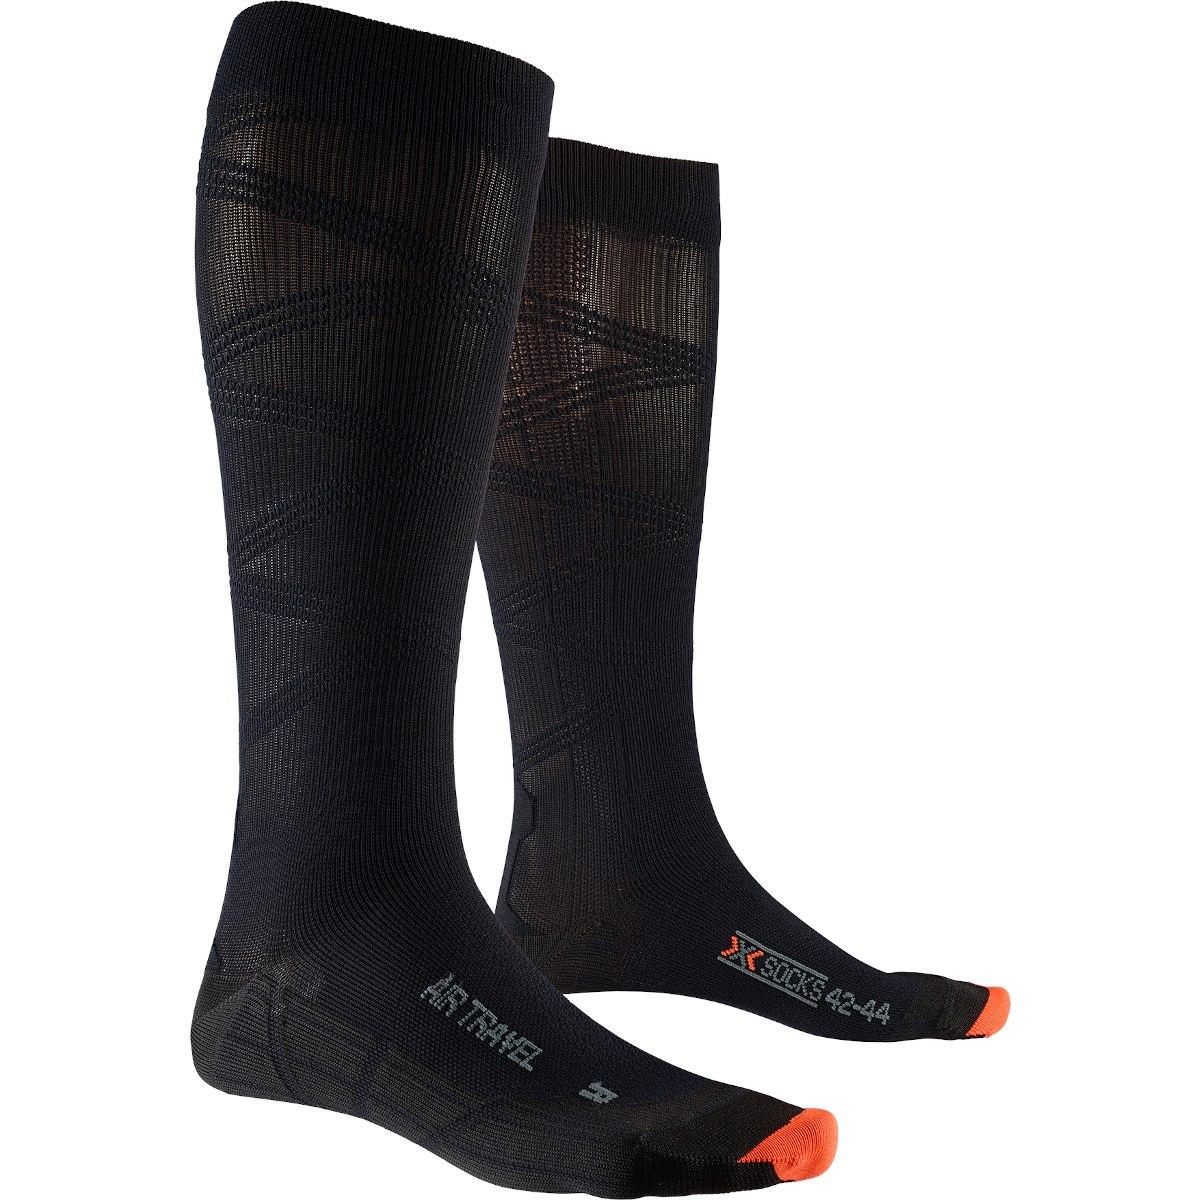 Bild von X-Socks Air Travel Helix Socken - black